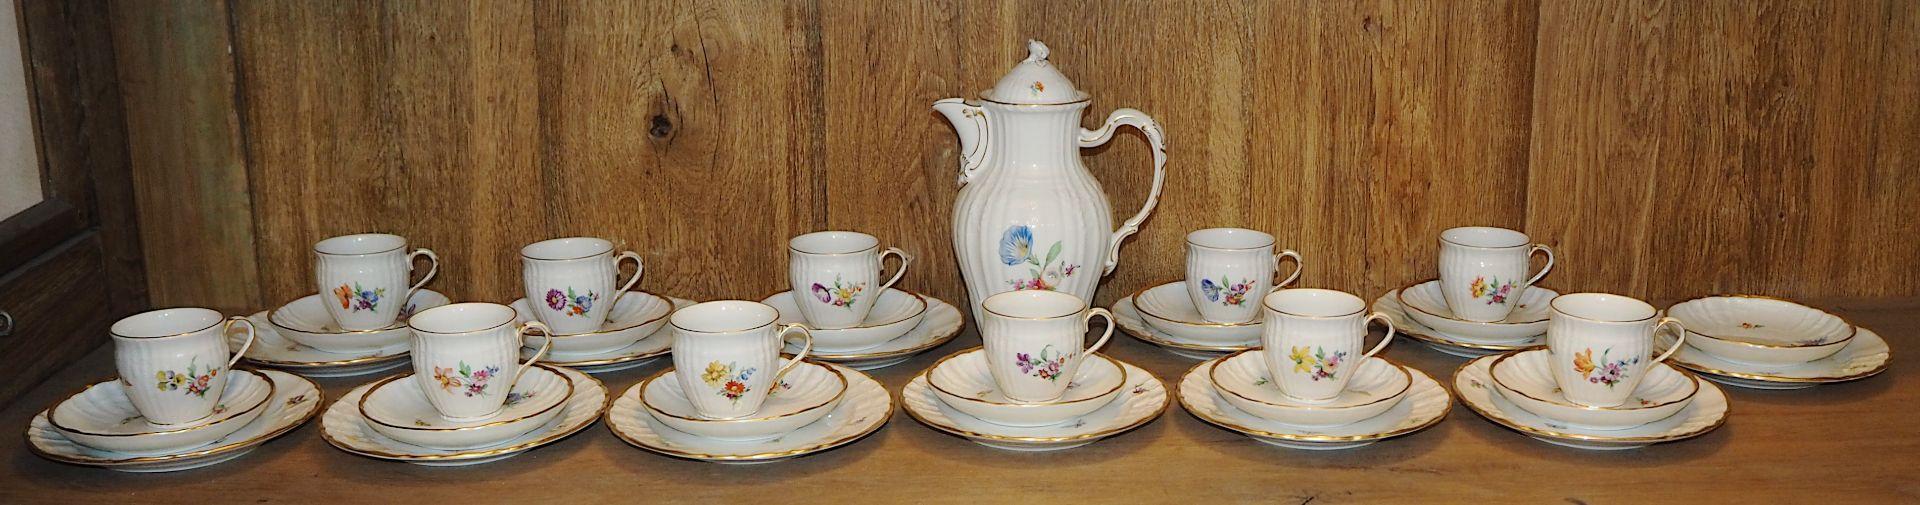 1 Kaffeeservice Porzellan KPM/Roter Reichsapfel 1 Kaffeekanne, 12 Kaffeegedecke (1 Tas - Bild 2 aus 2